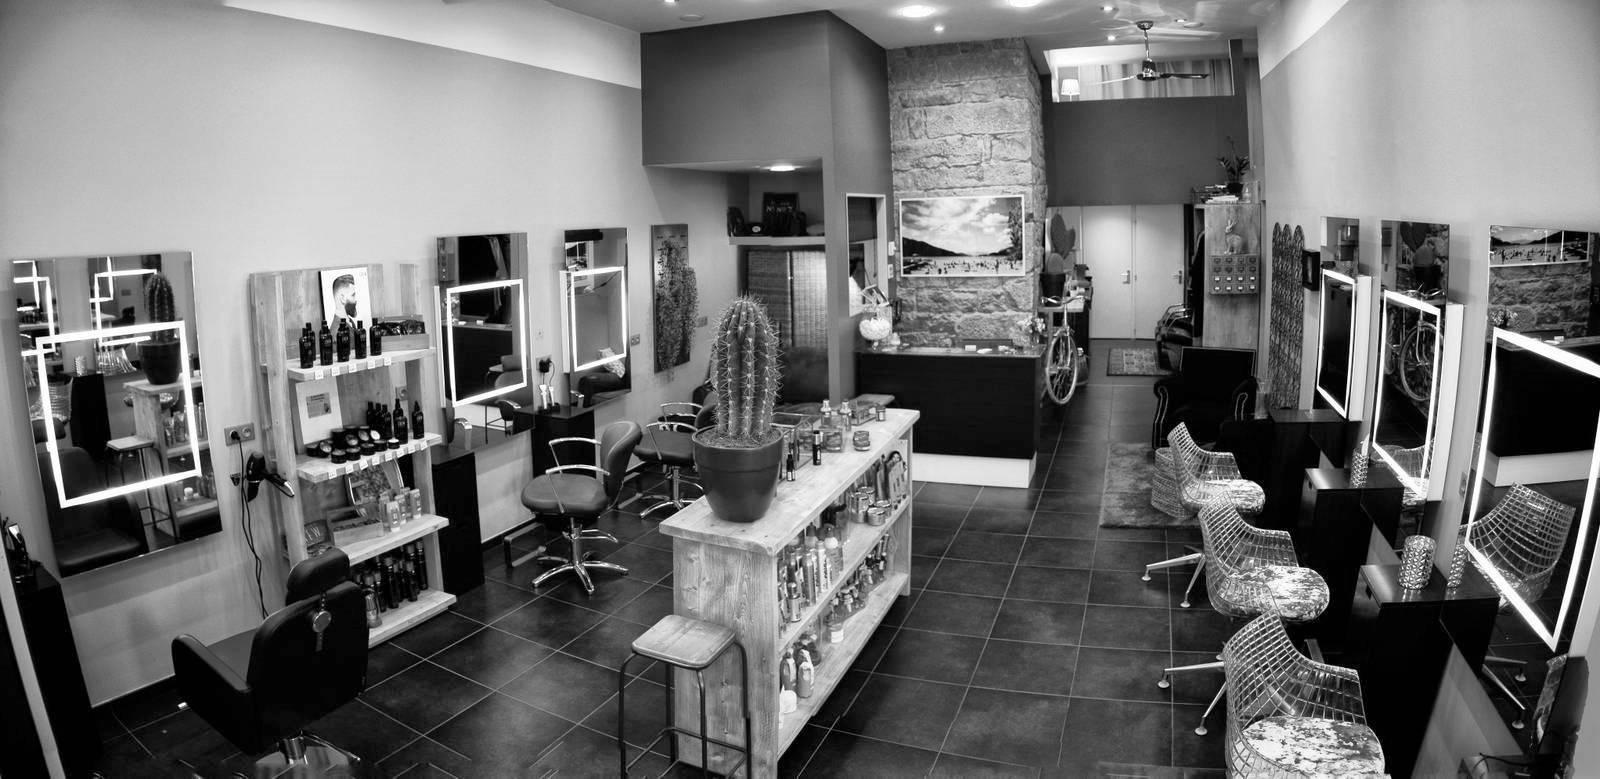 32++ Salon de coiffure lyon 2 des idees